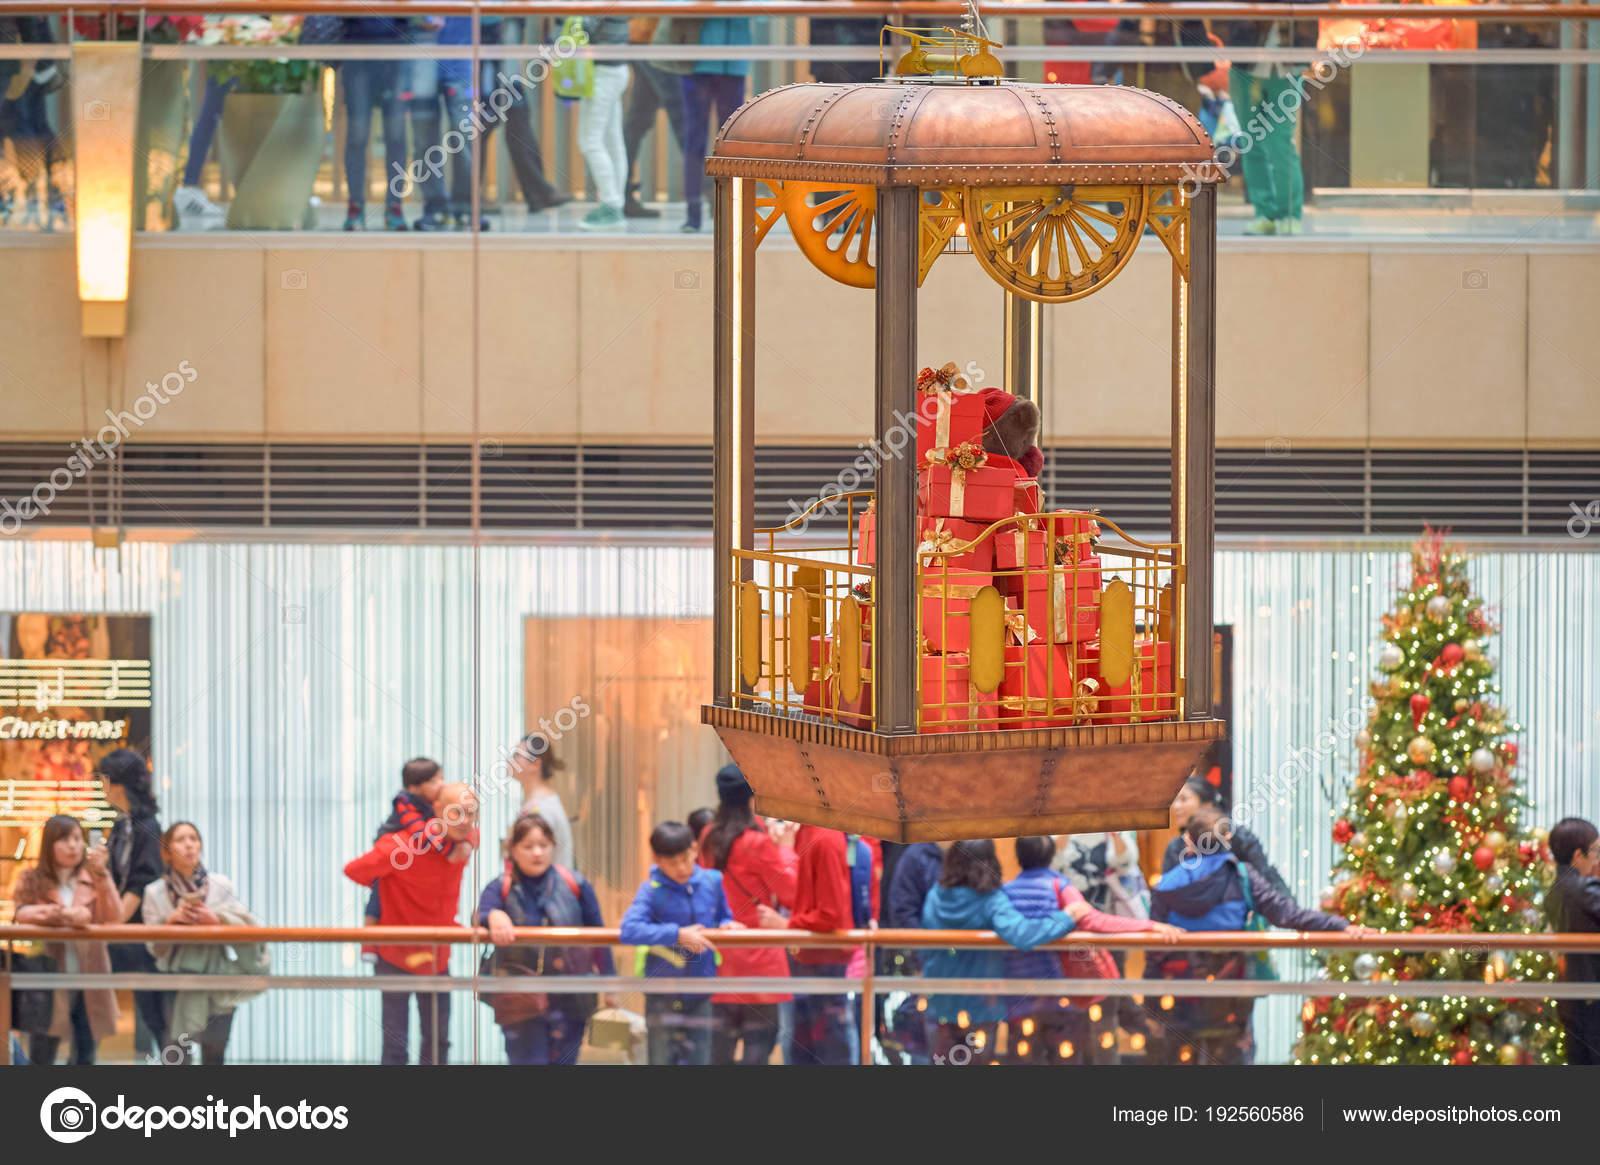 China Hong Kong December 2015 Christmas Decorations Landmark Shopping Mall — Stock Photo